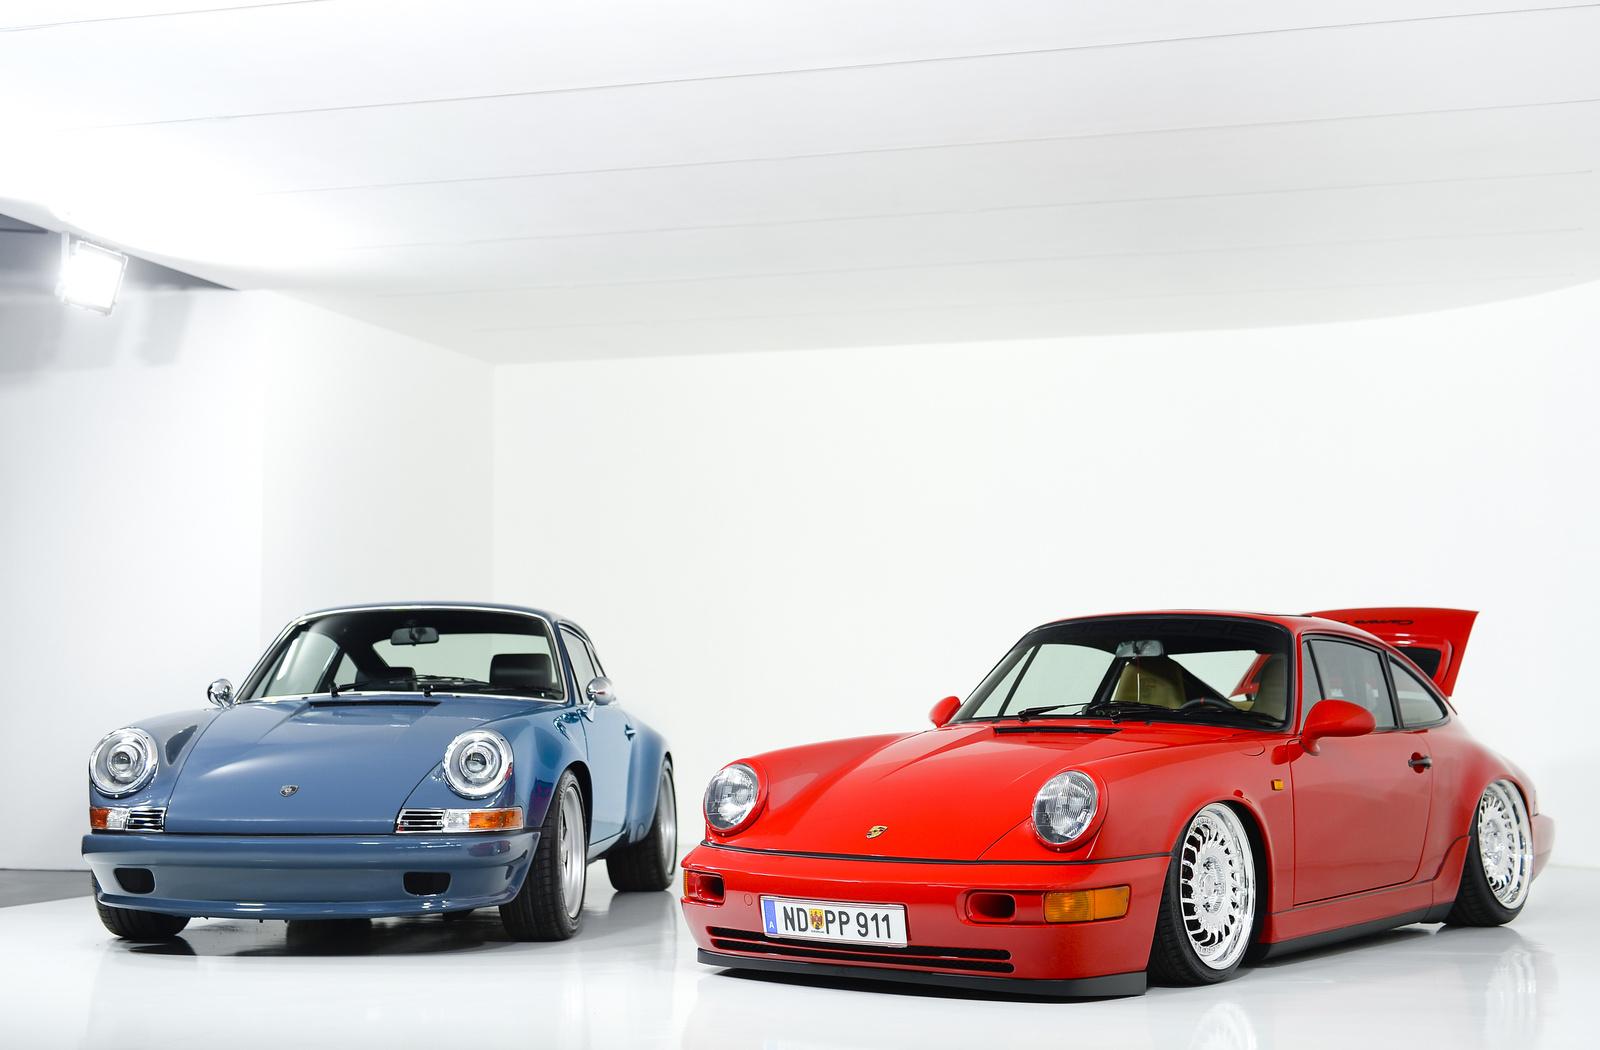 Rosenberger RST - Porsche 911 Outlaw - Porsche 911 Carrera